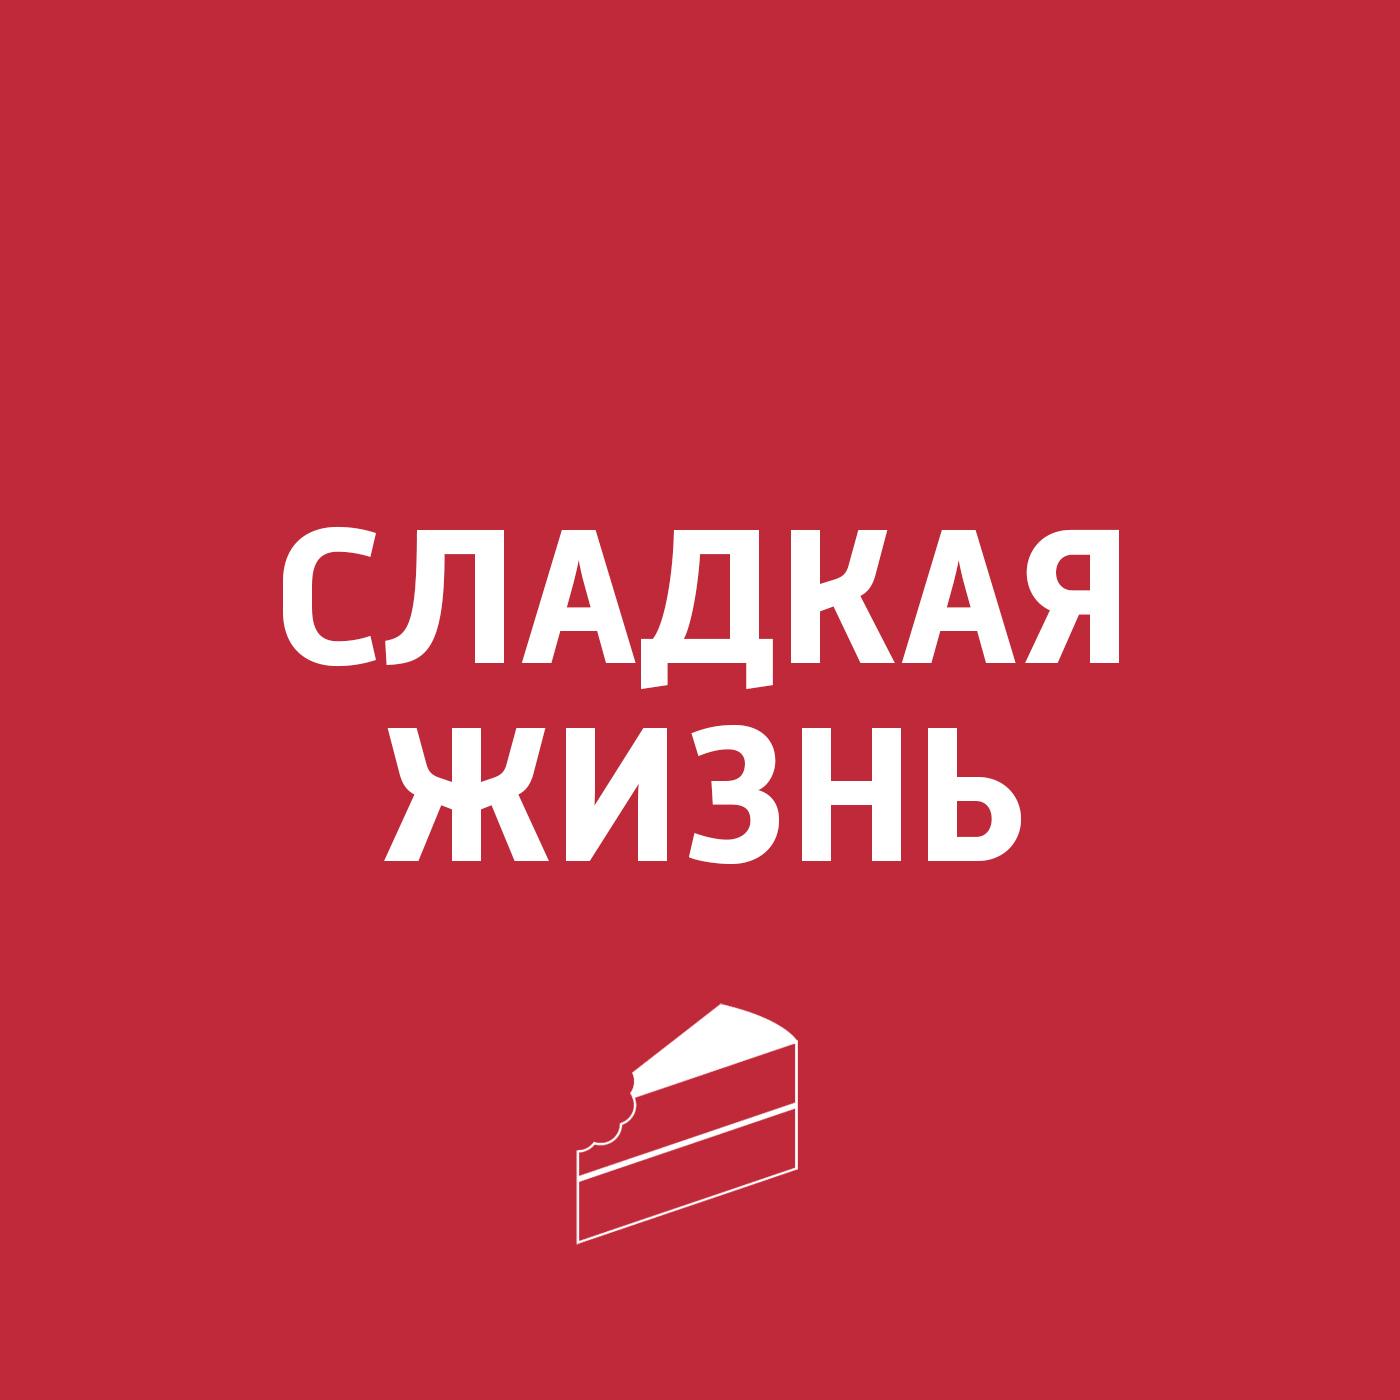 Картаев Павел Японская лепешка Моти картаев павел сырники